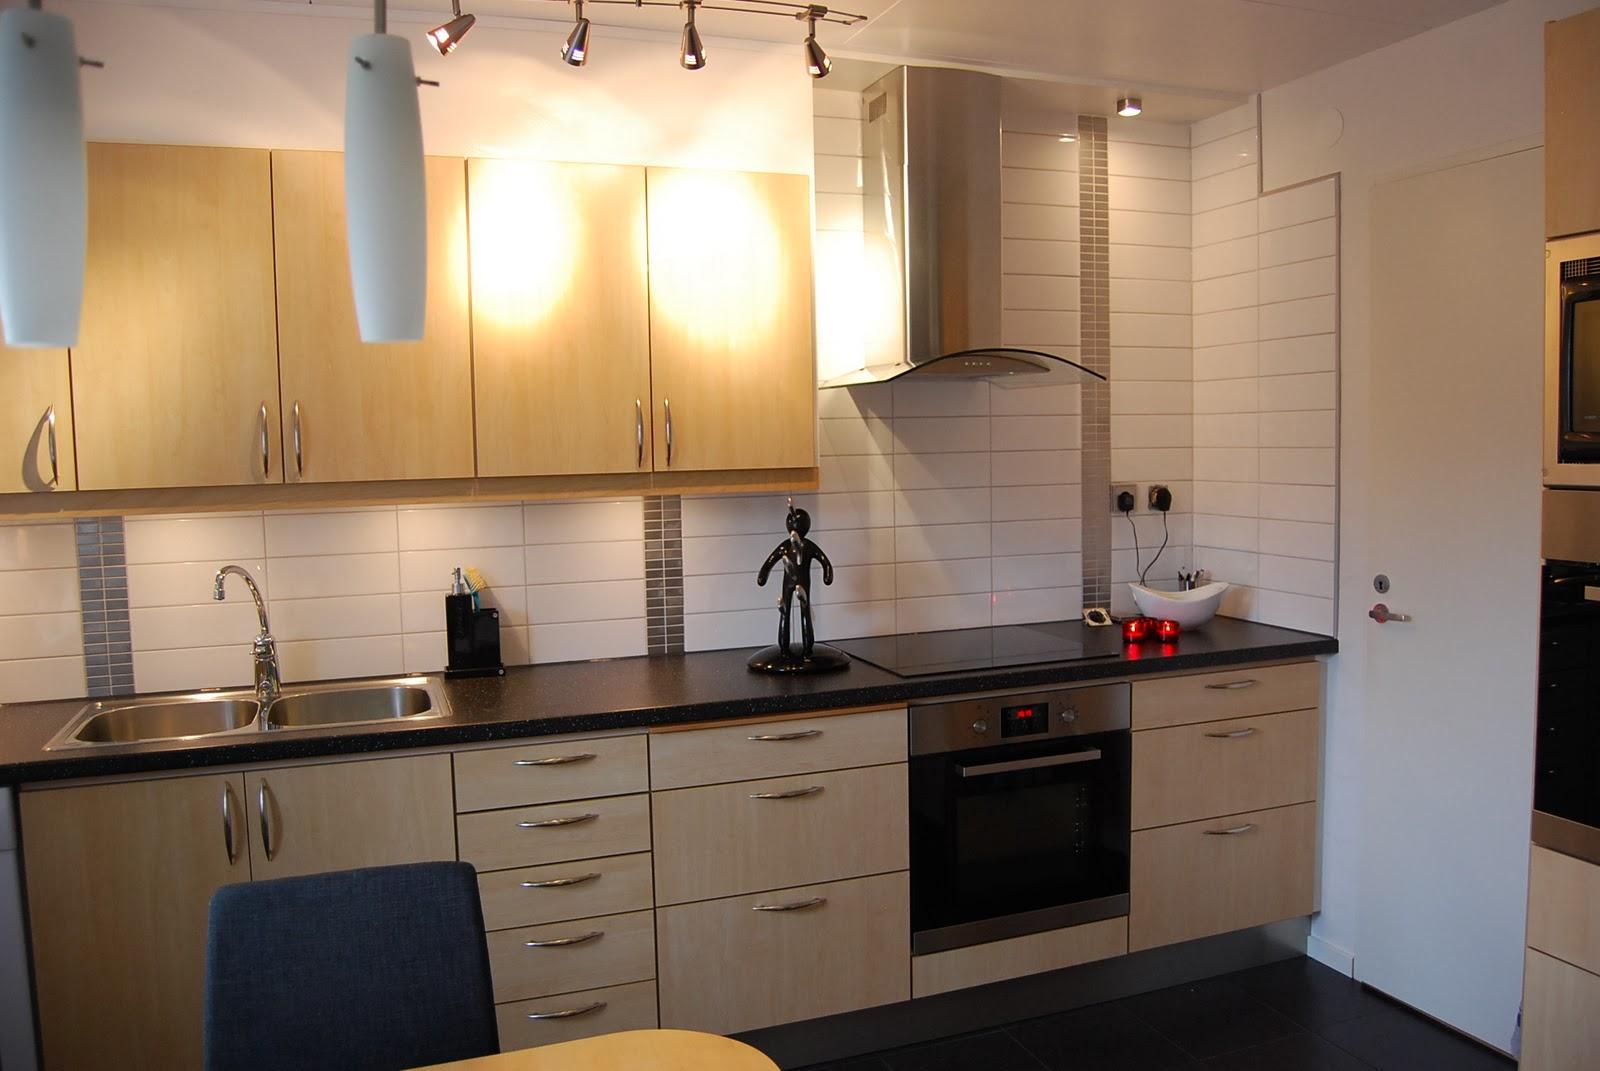 bänk till kök ~ camillas livsstil kök före och efter renovering